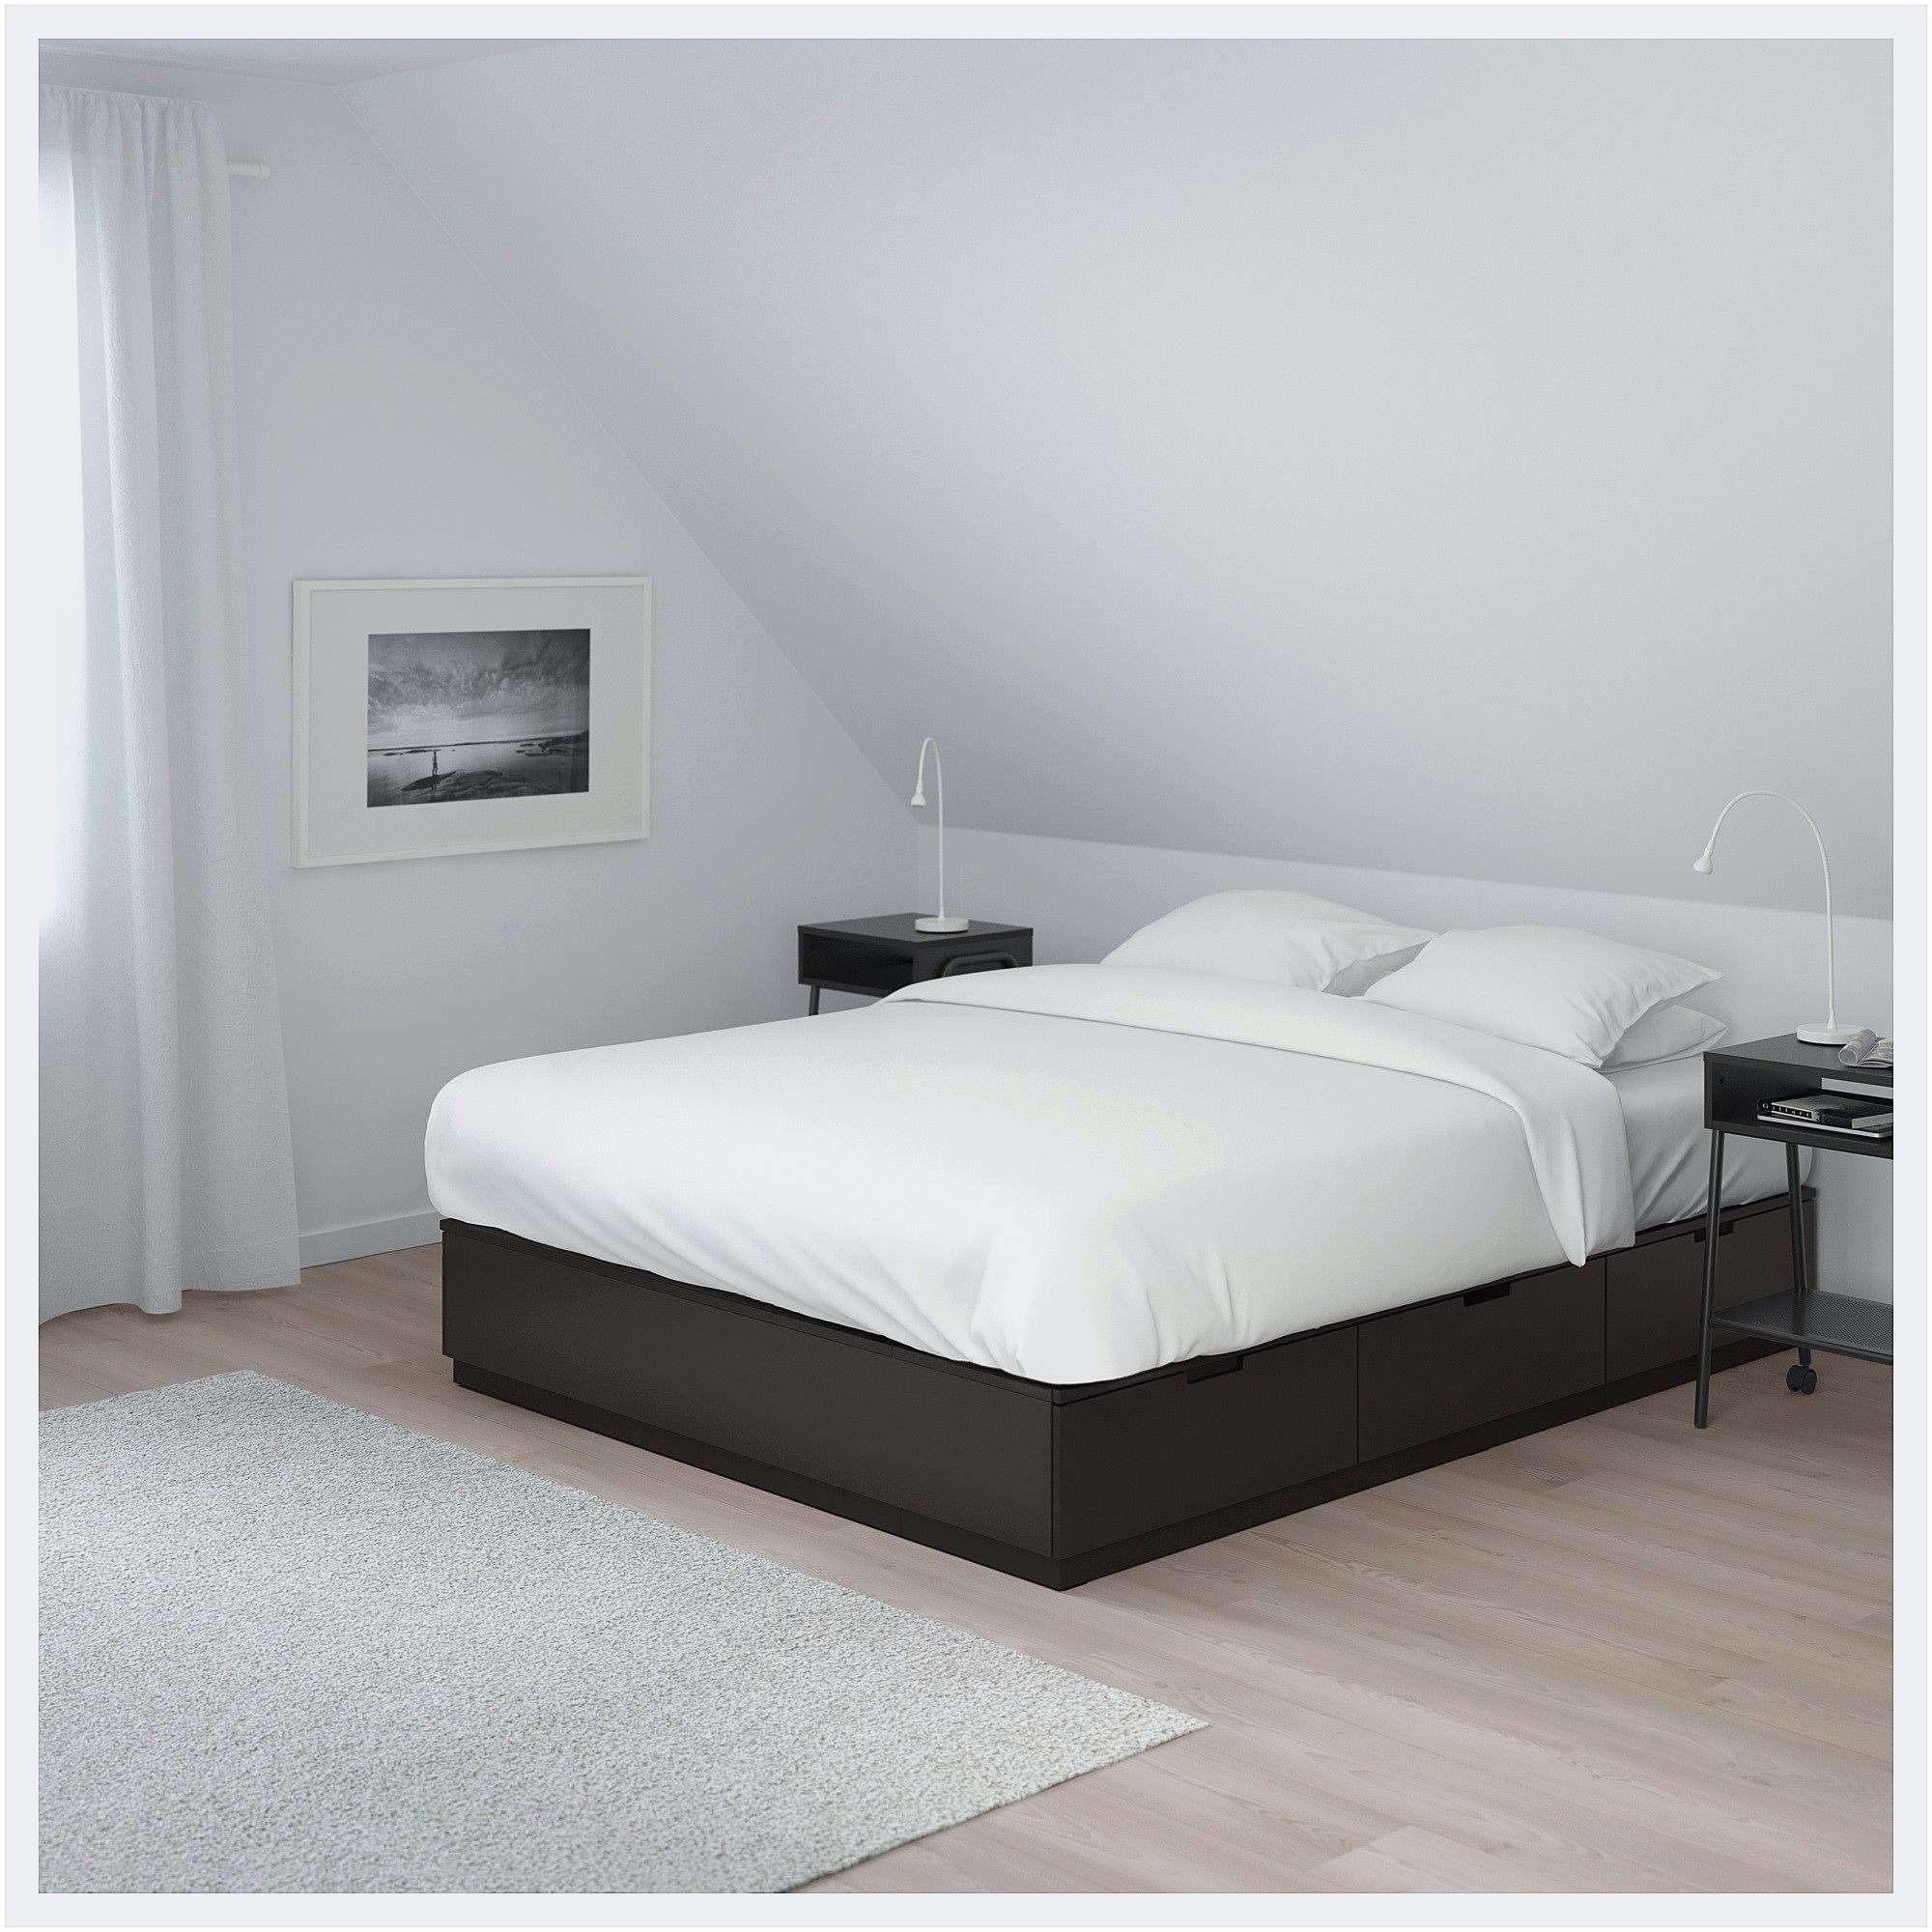 Lit Rangement 160×200 Inspirant Frais Lit Adulte Design Avec Rangement Pour Alternative Lit